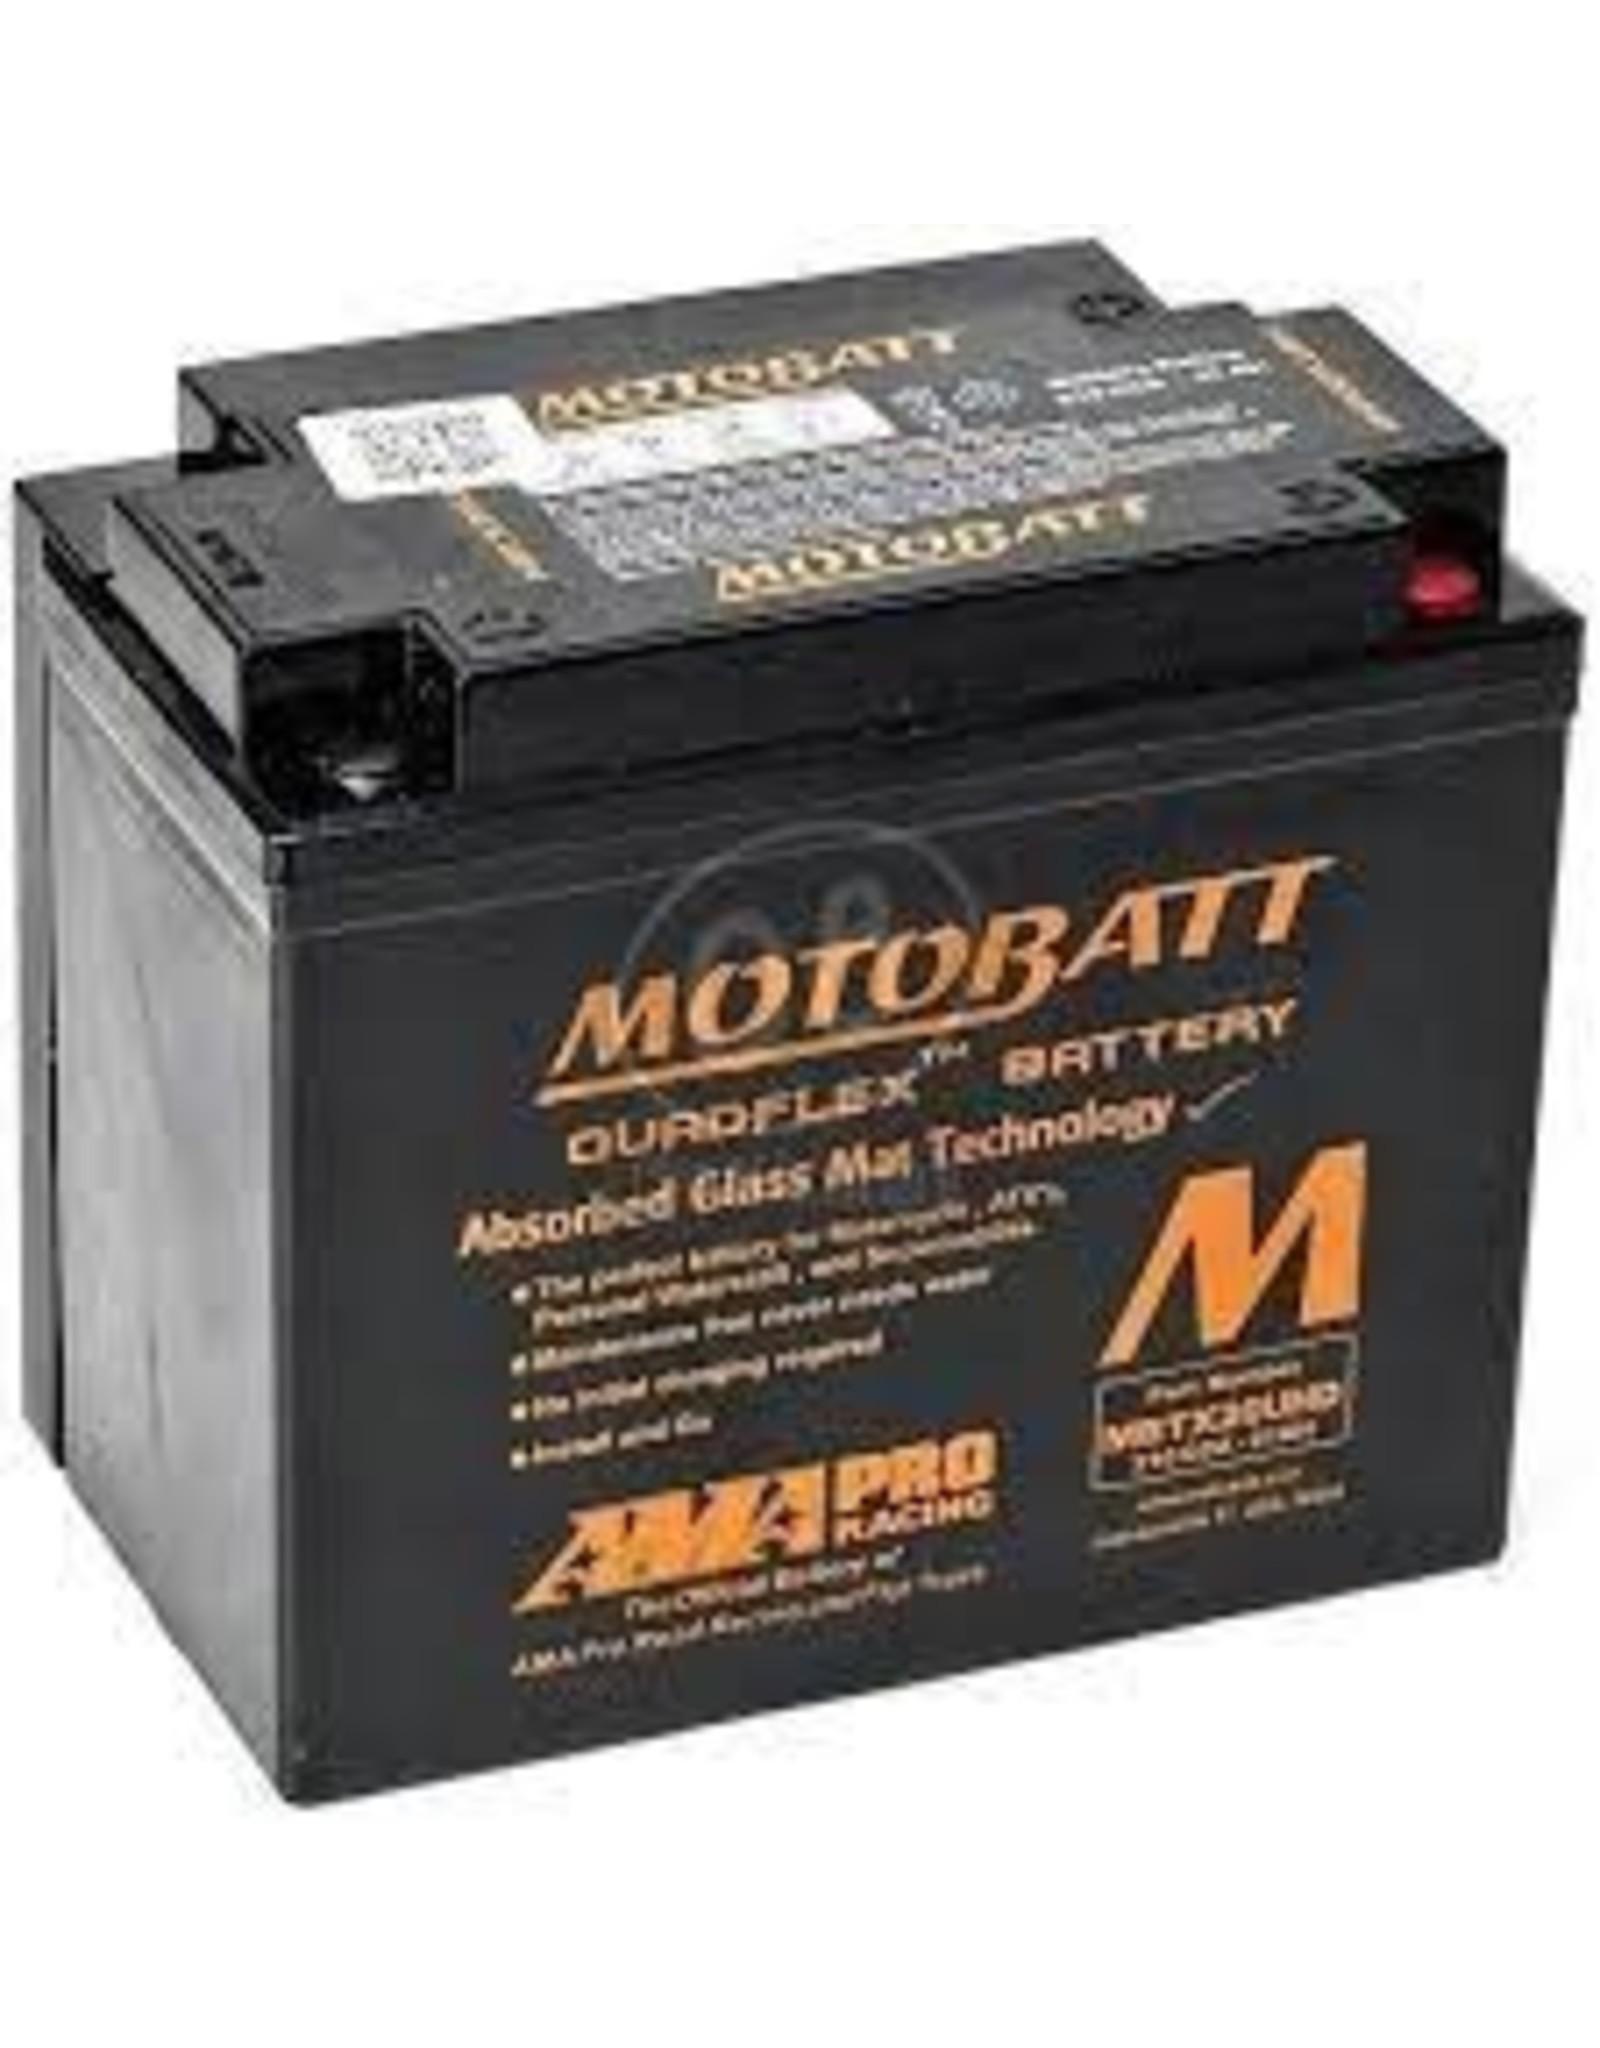 MOTOBATT MOTOBATT MBTX20UHD